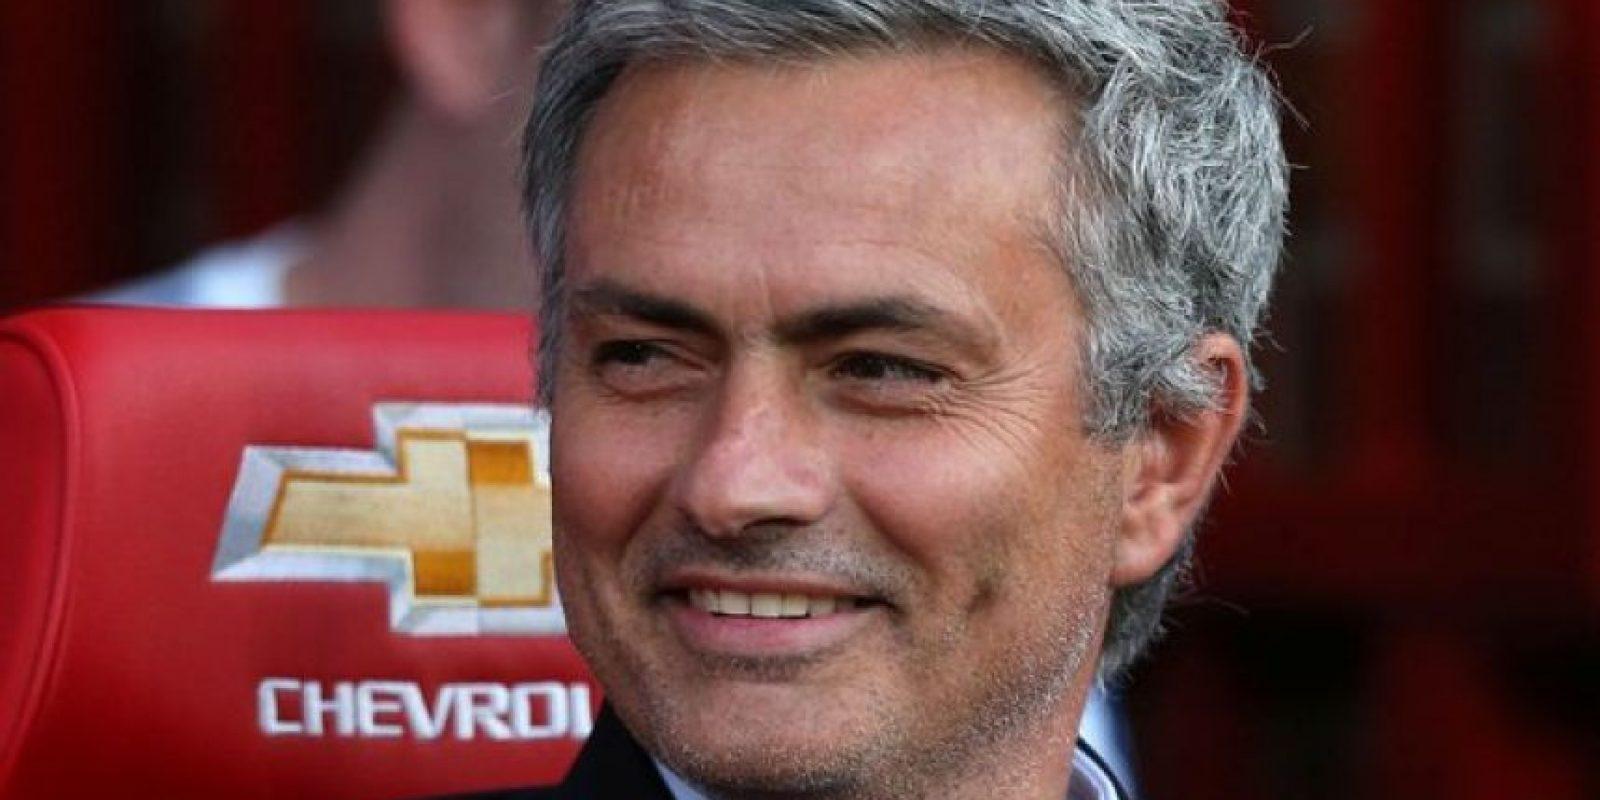 José Mourinho se estrenó en Instagram Foto:Vía twitter.com/ManUtd